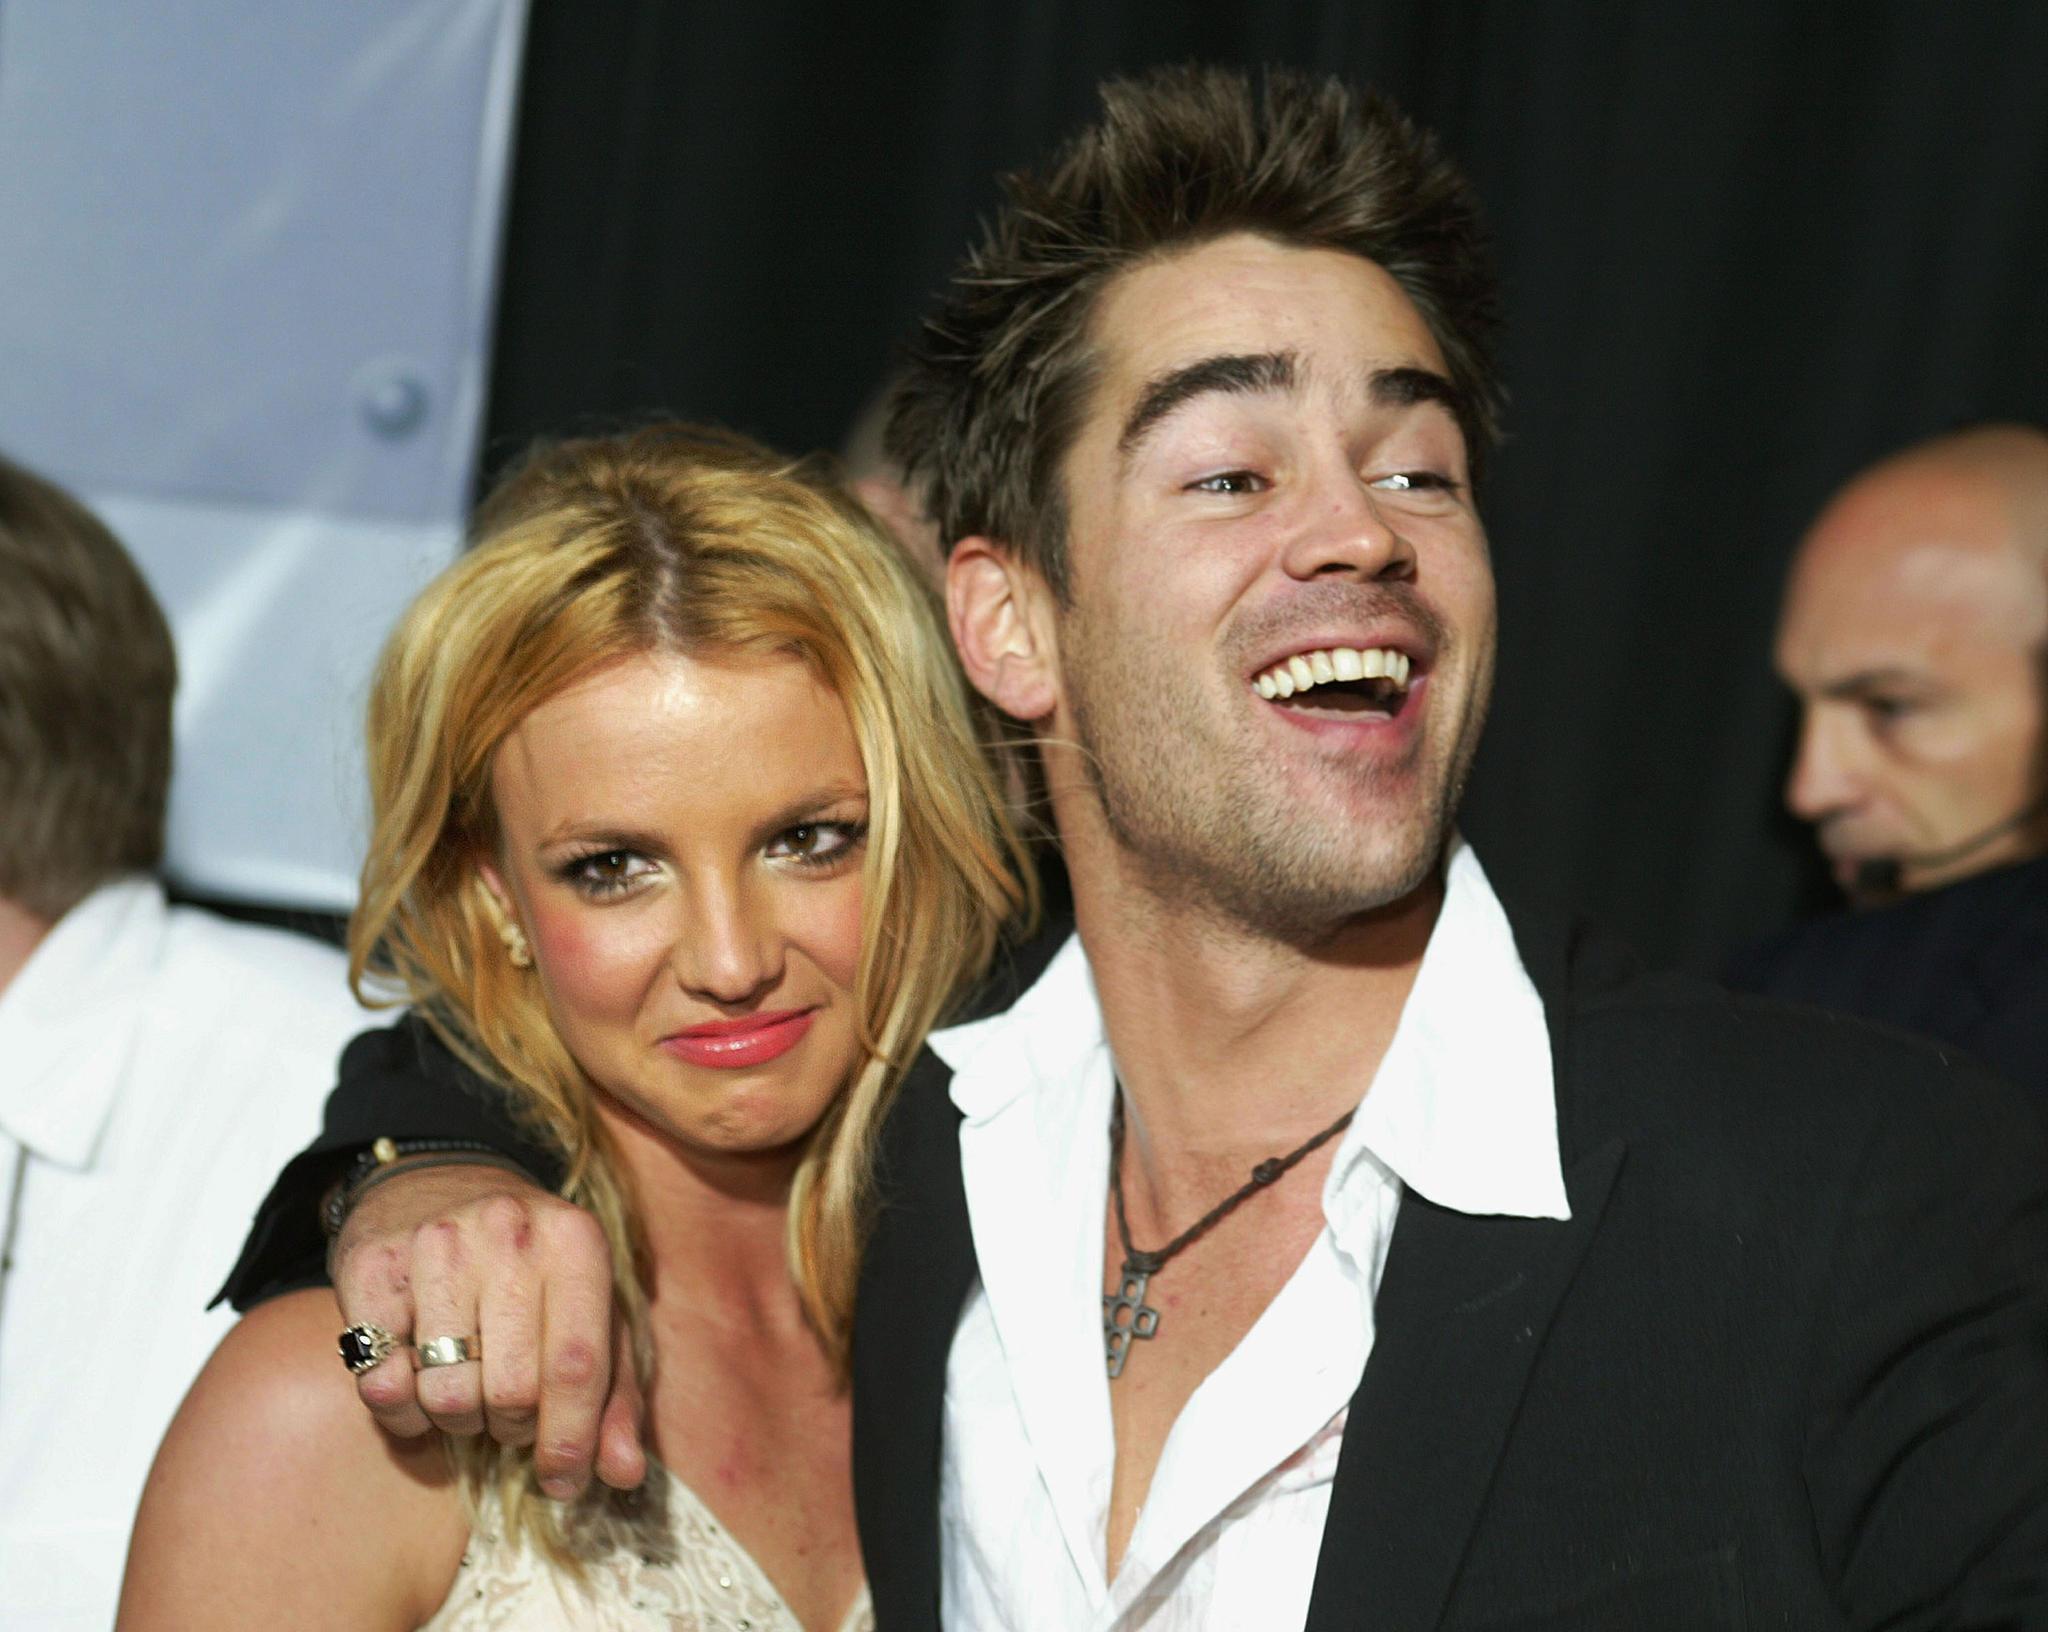 Nach der Trennung von Justin Timberlake tröstete sich Britney Spears 2003 mit Colin Farrell.